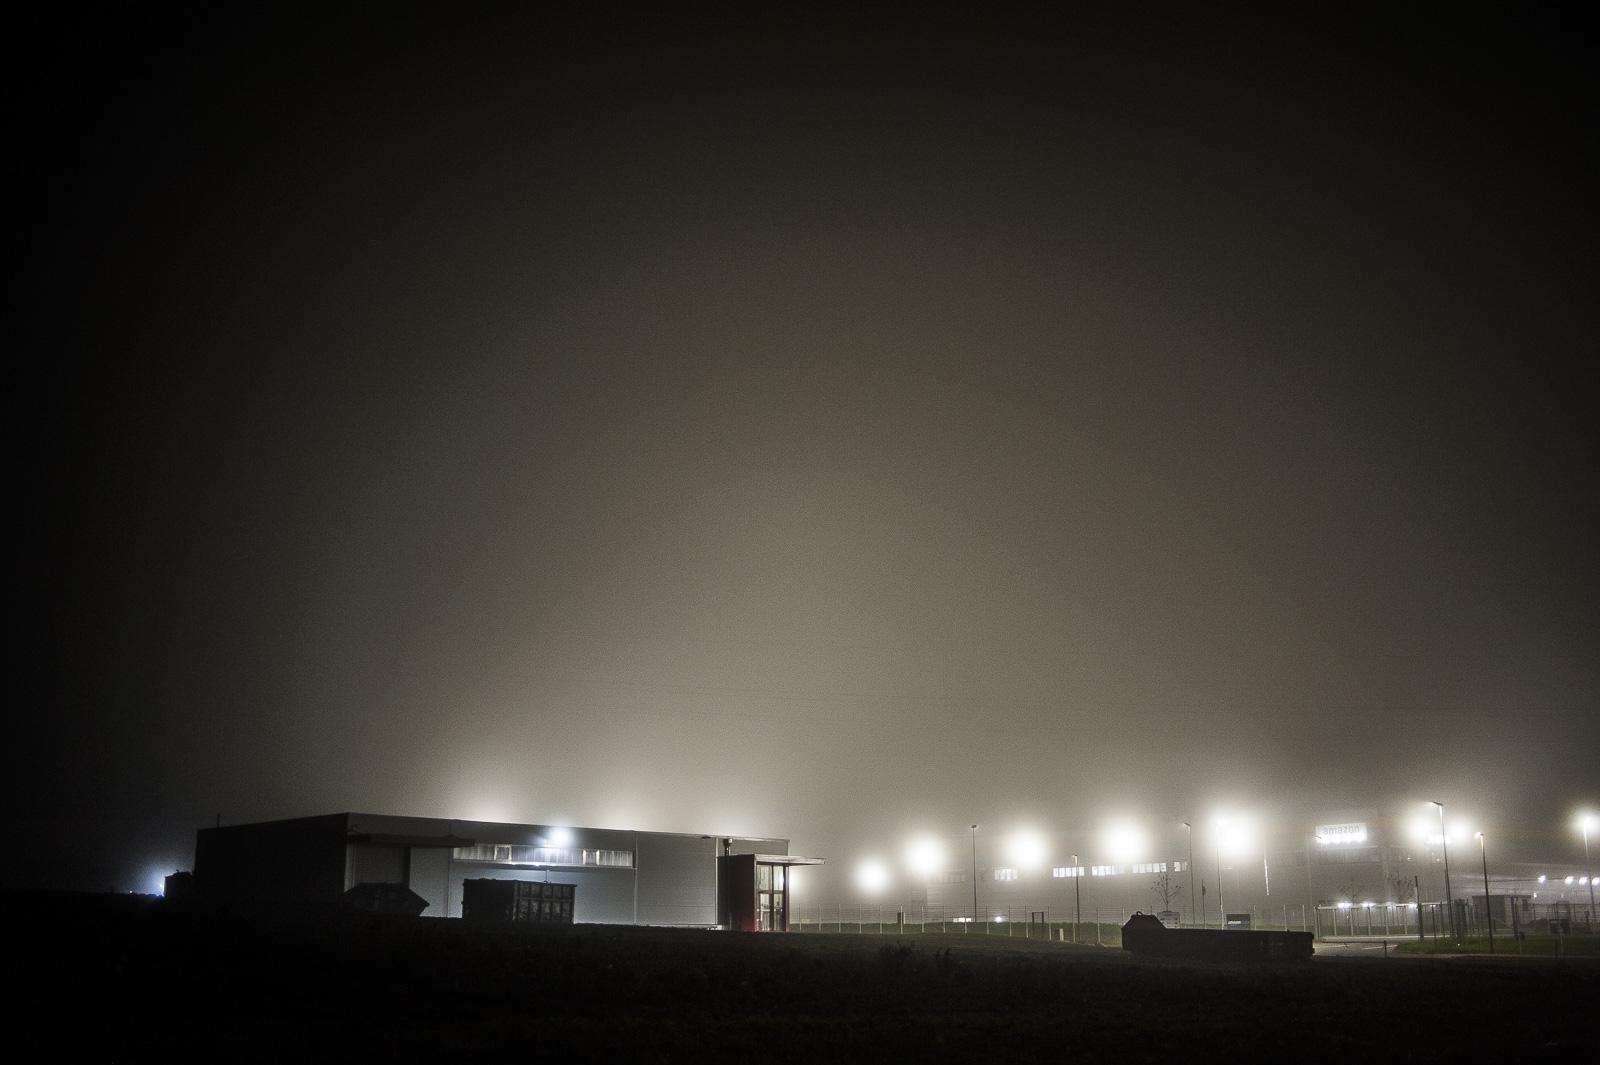 Amazon-Verteilzentrum, nachts